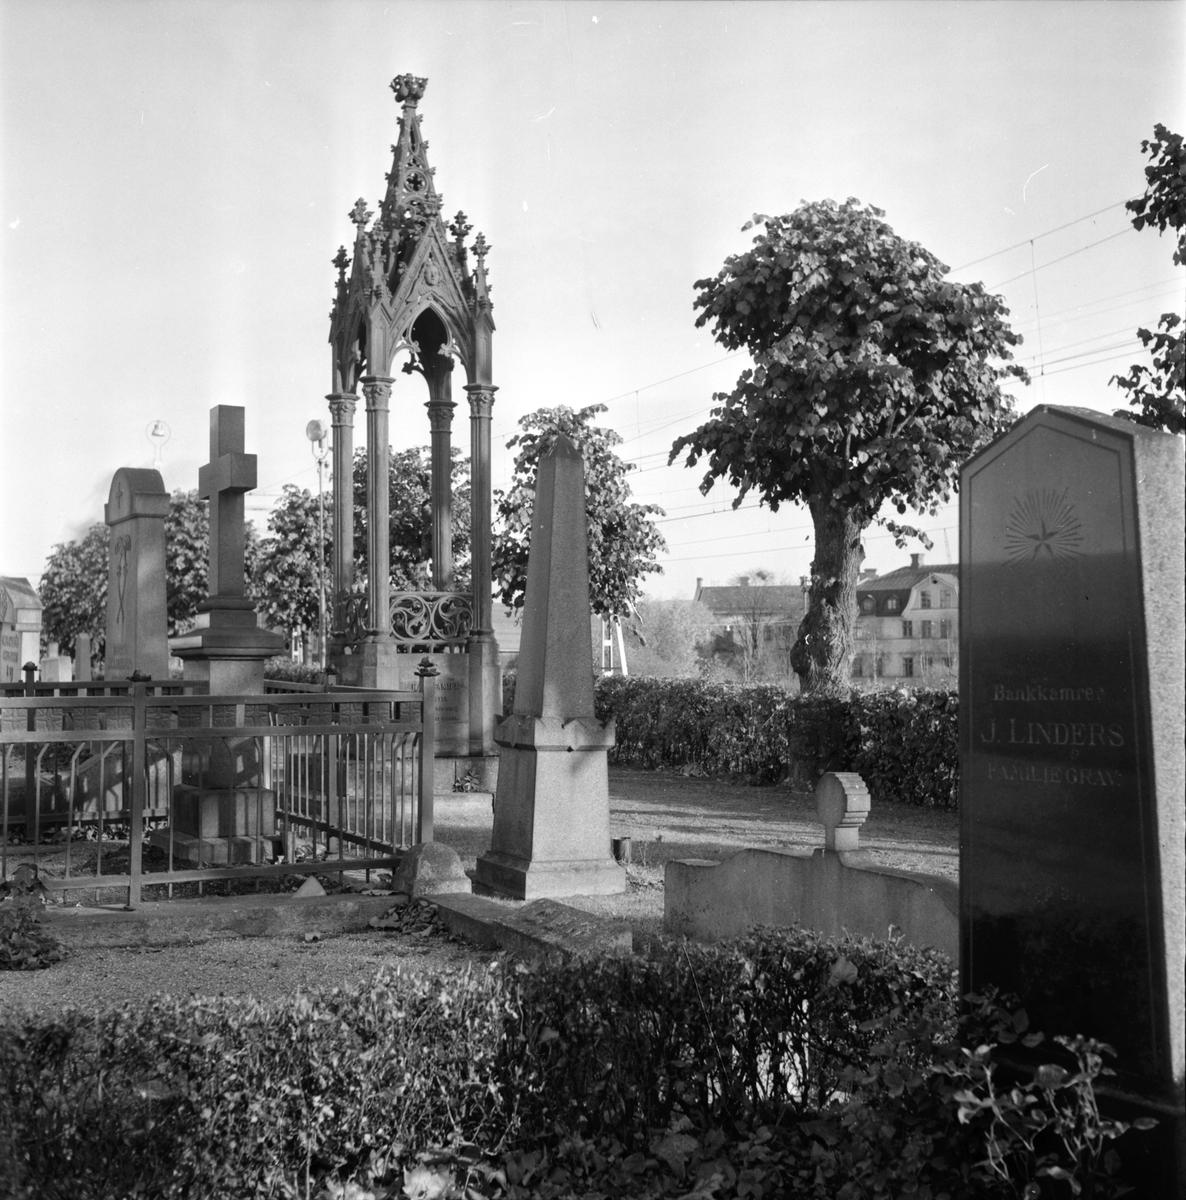 Bollnäs kyrkogård, Olika slag av gravvårdar, 19 Oktober 1965